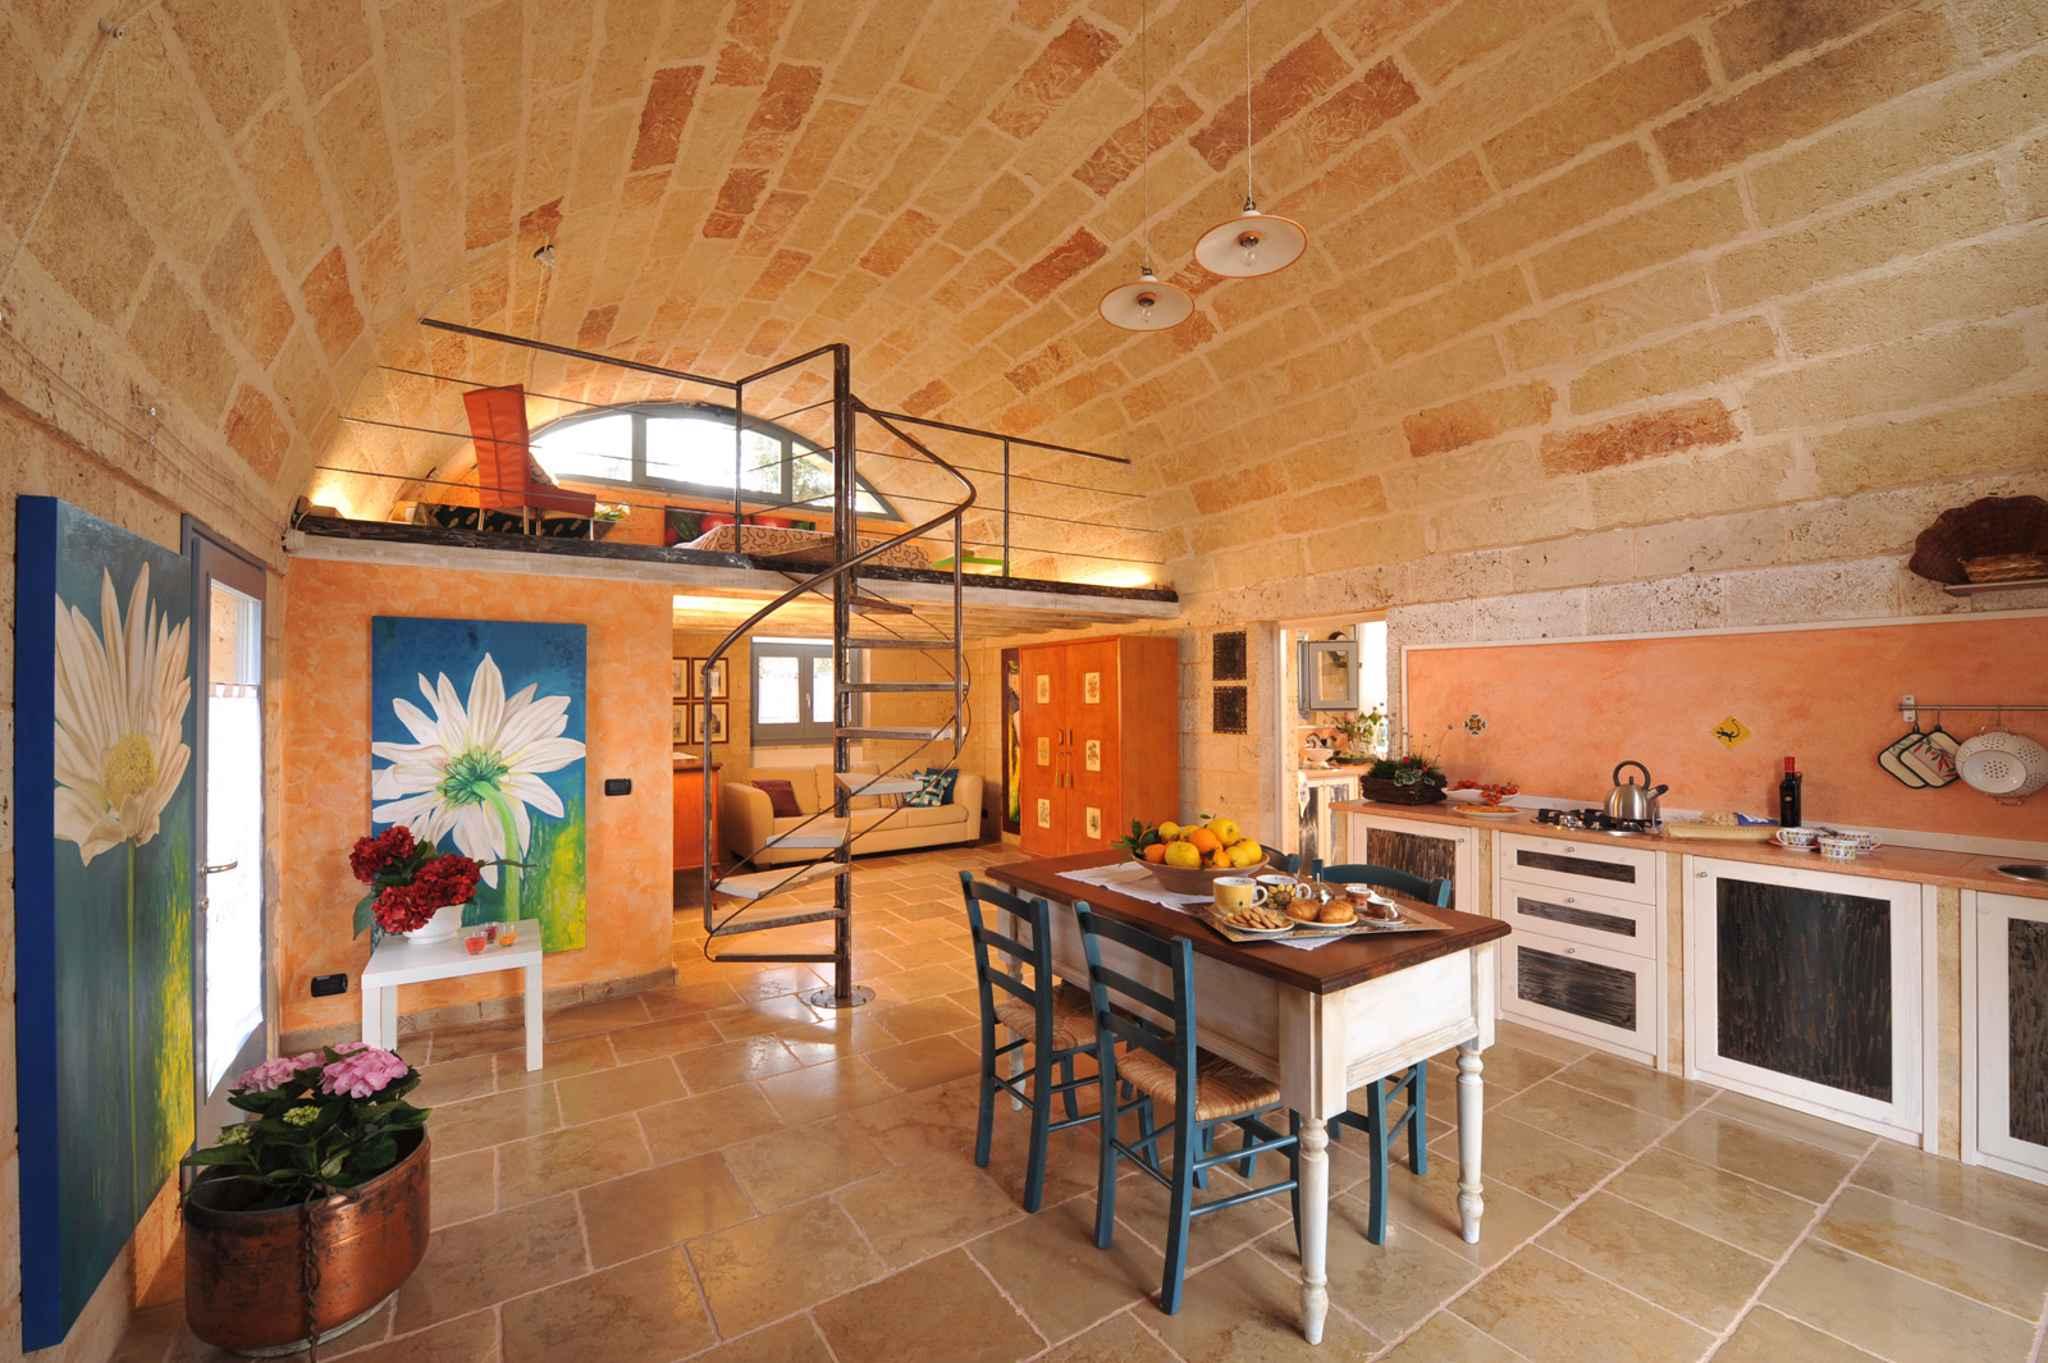 Ferienwohnung in einem Olivenhain (778495), Spongano, Lecce, Apulien, Italien, Bild 8